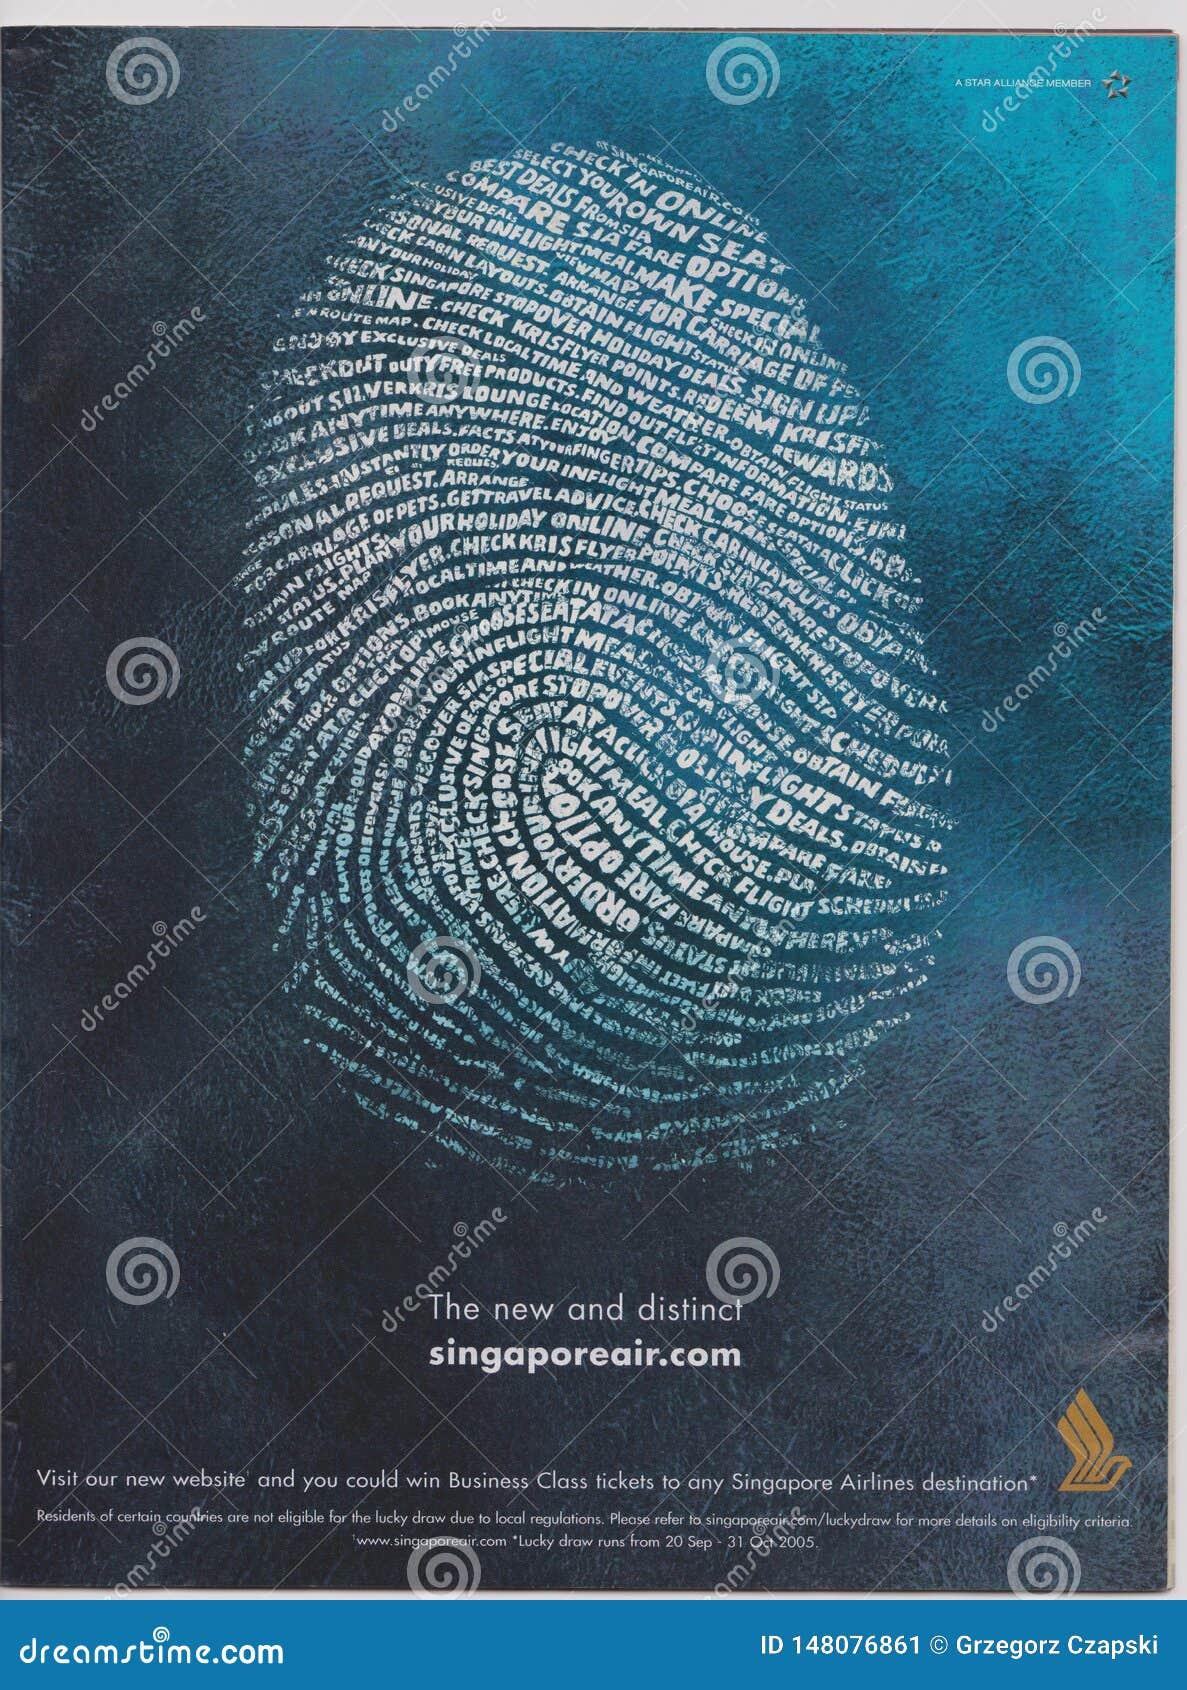 реклама плаката Сингапоре Аирлинес в журнале начиная с октября 2005, новом и отдельном лозунге